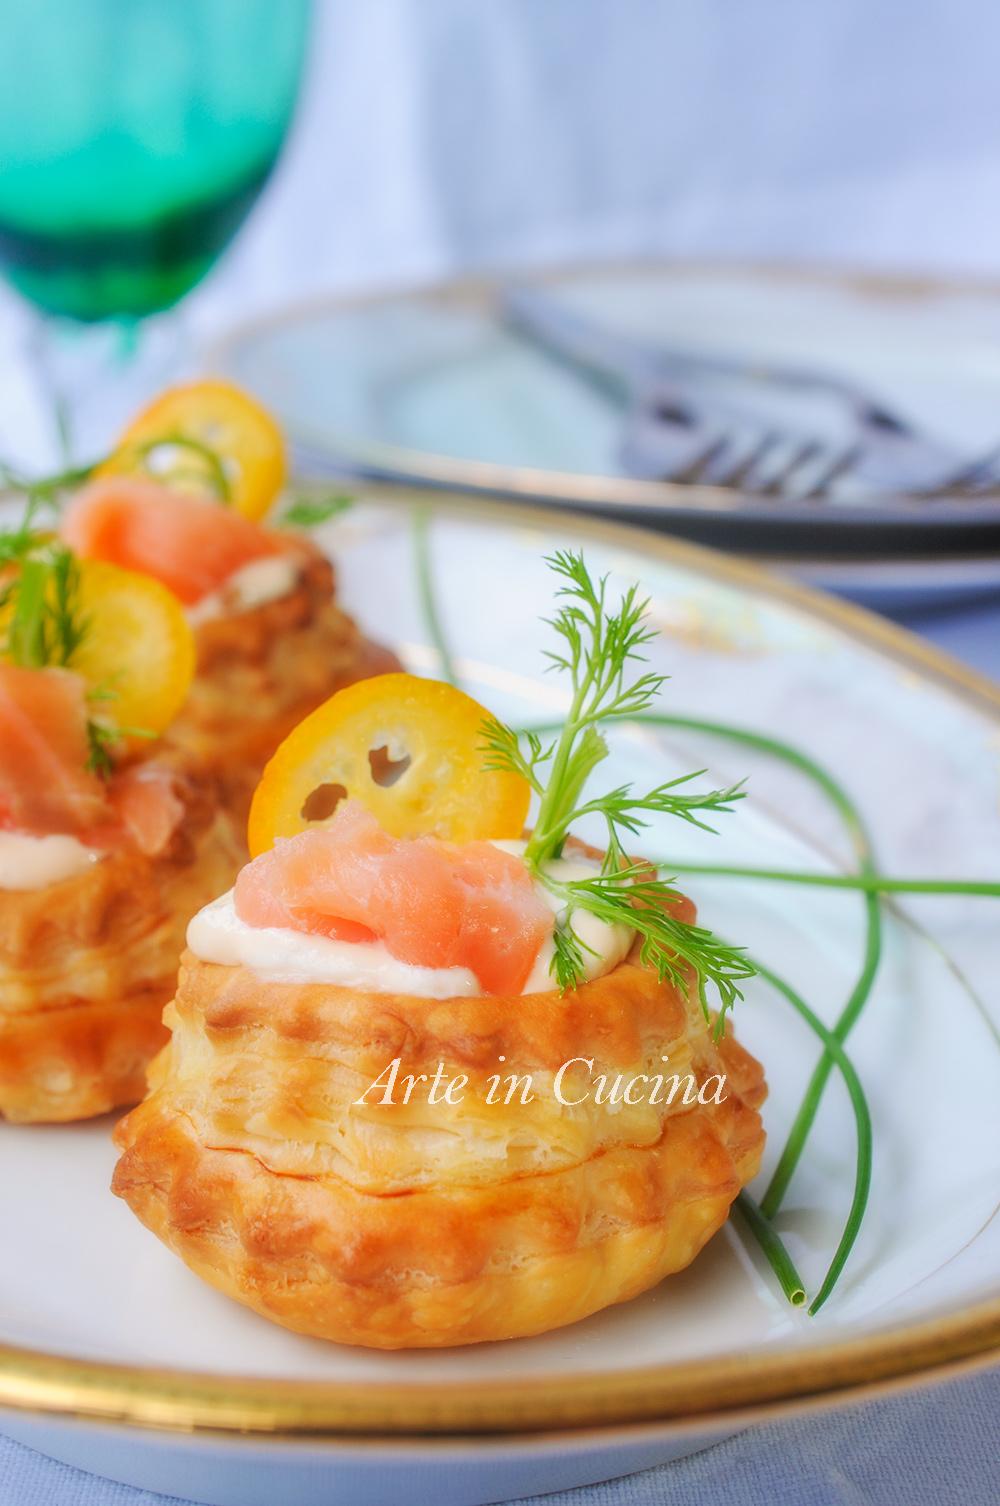 Voulevant salmone e robiola ricetta facile vickyart arte in cucina